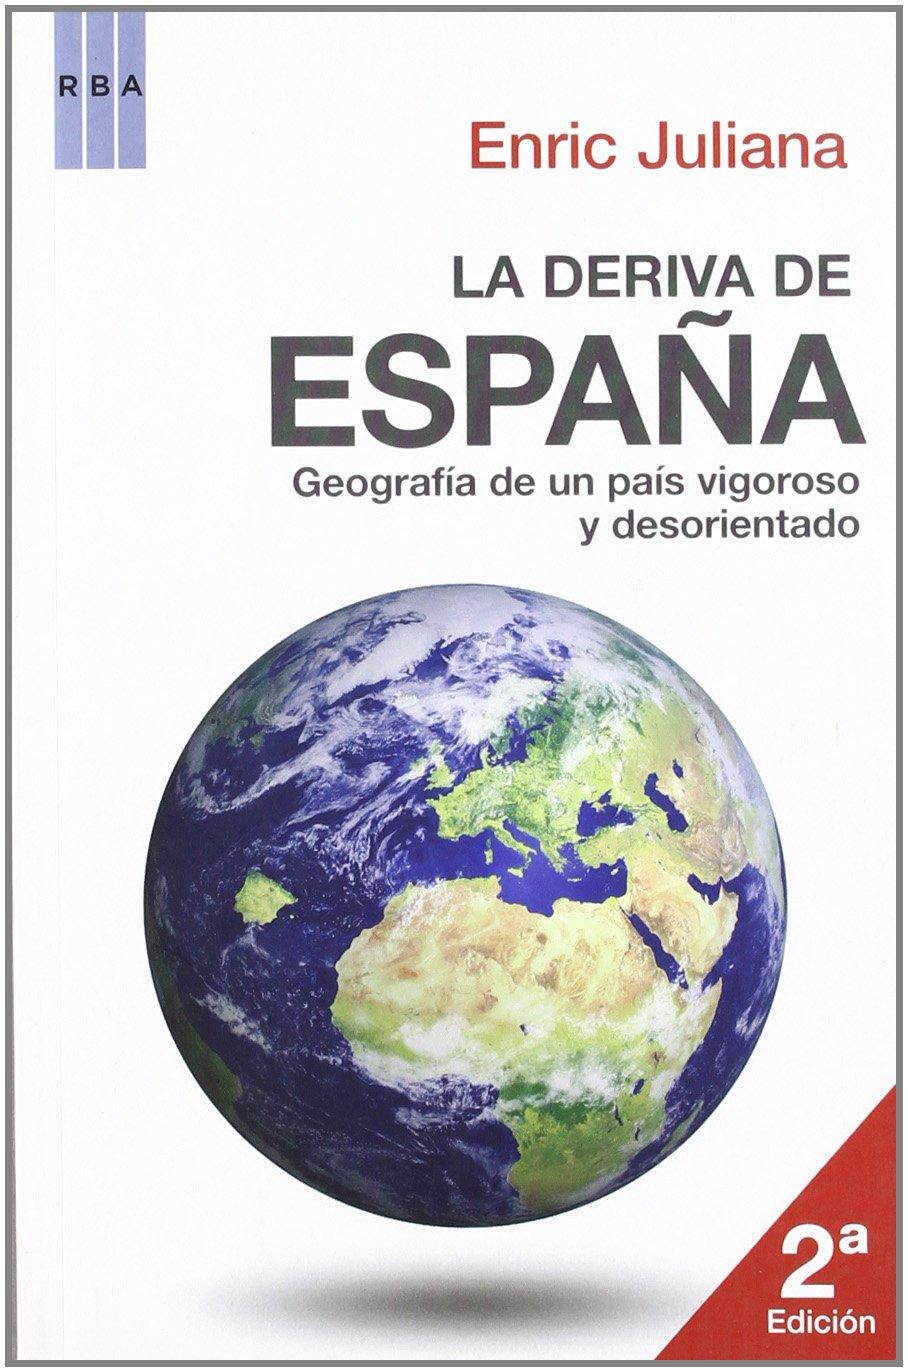 La deriva de españa: 227 (OTROS NO FICCIÓN): Amazon.es: Juliana, Enric: Libros